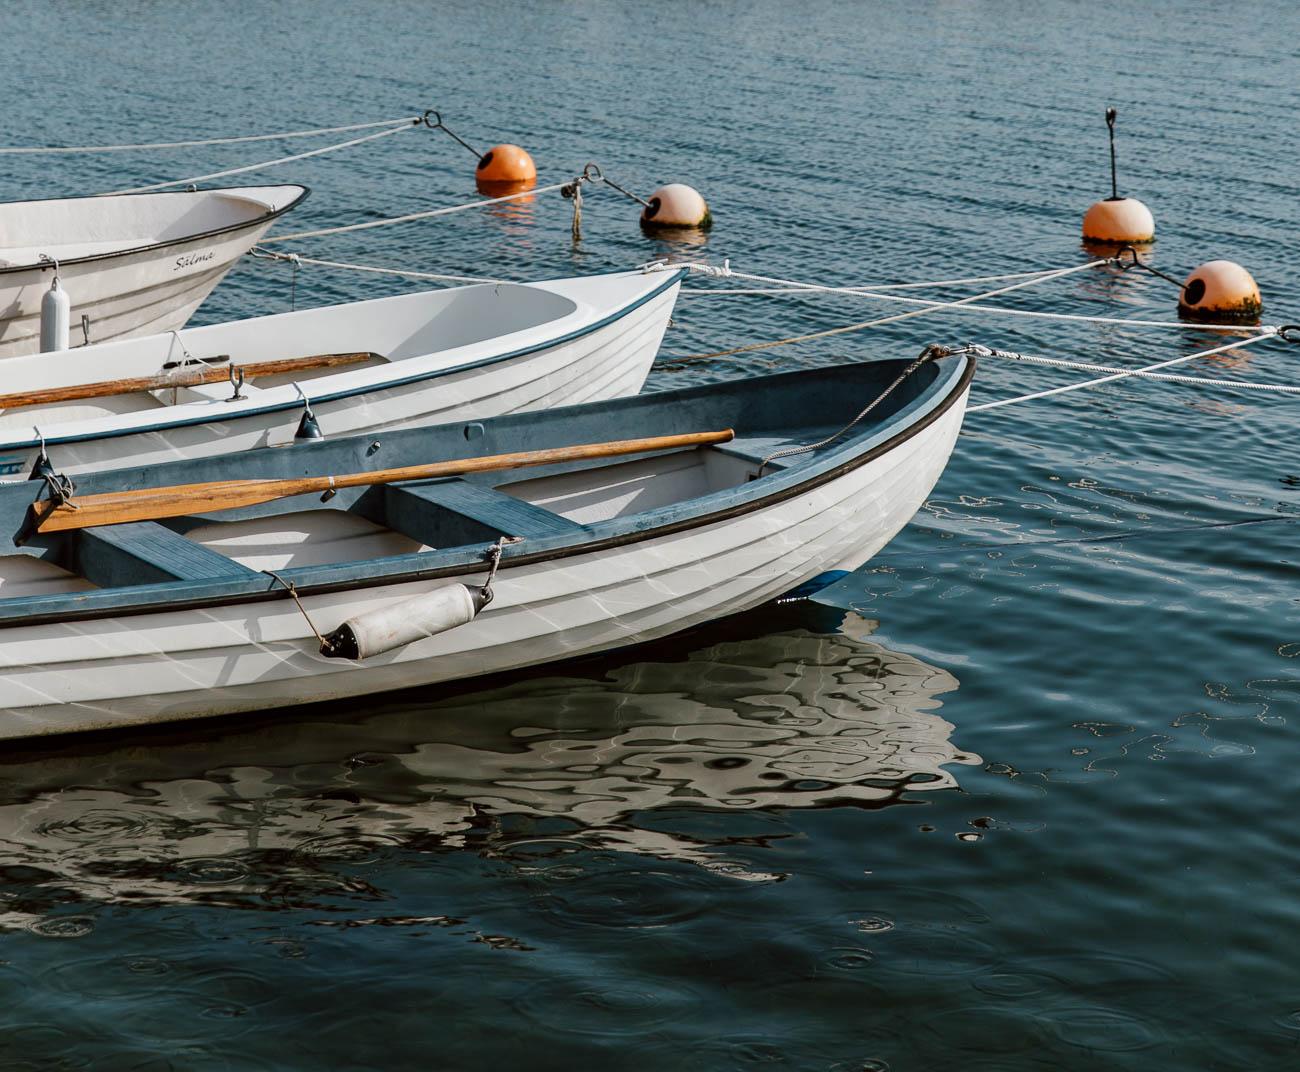 A Very West Sweden Summer | Boats in the water, Fiskenbaksil